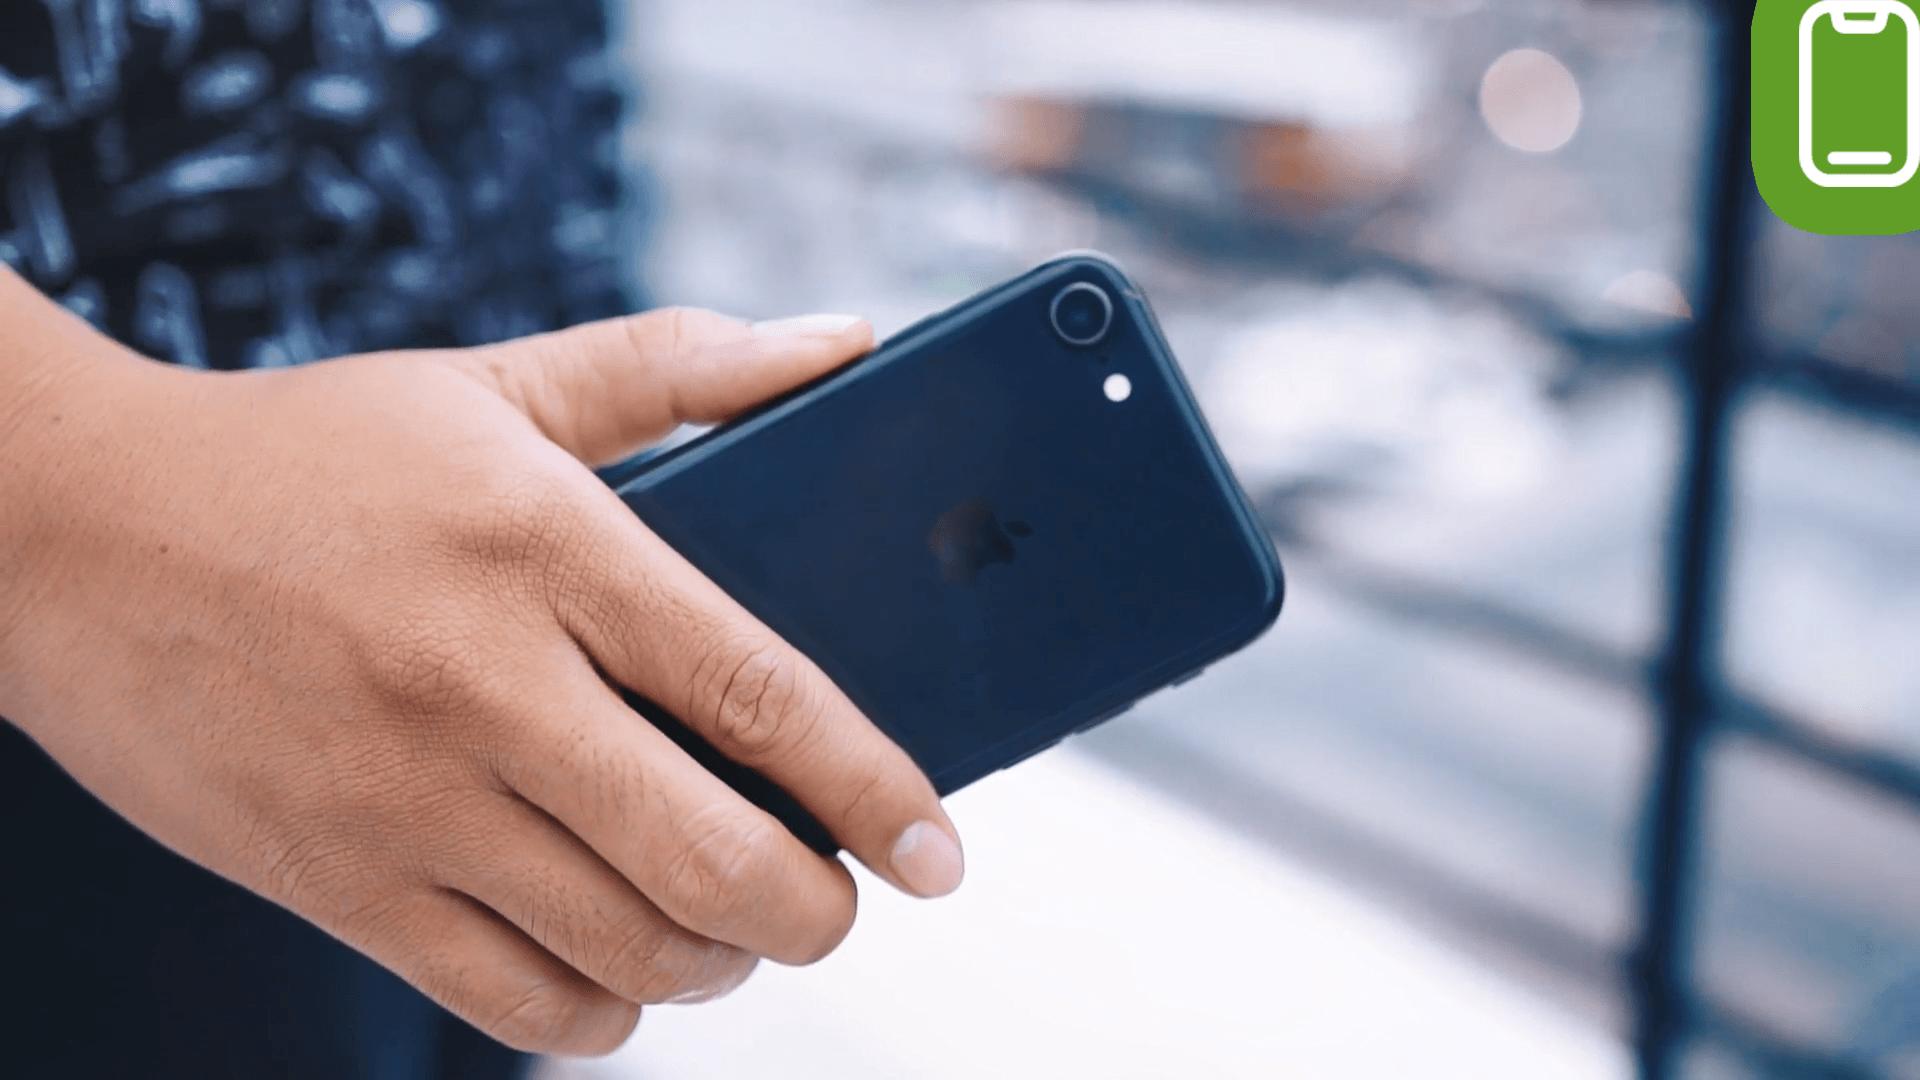 Đánh giá chi tiết iPhone 8 Plus - Ảnh 4